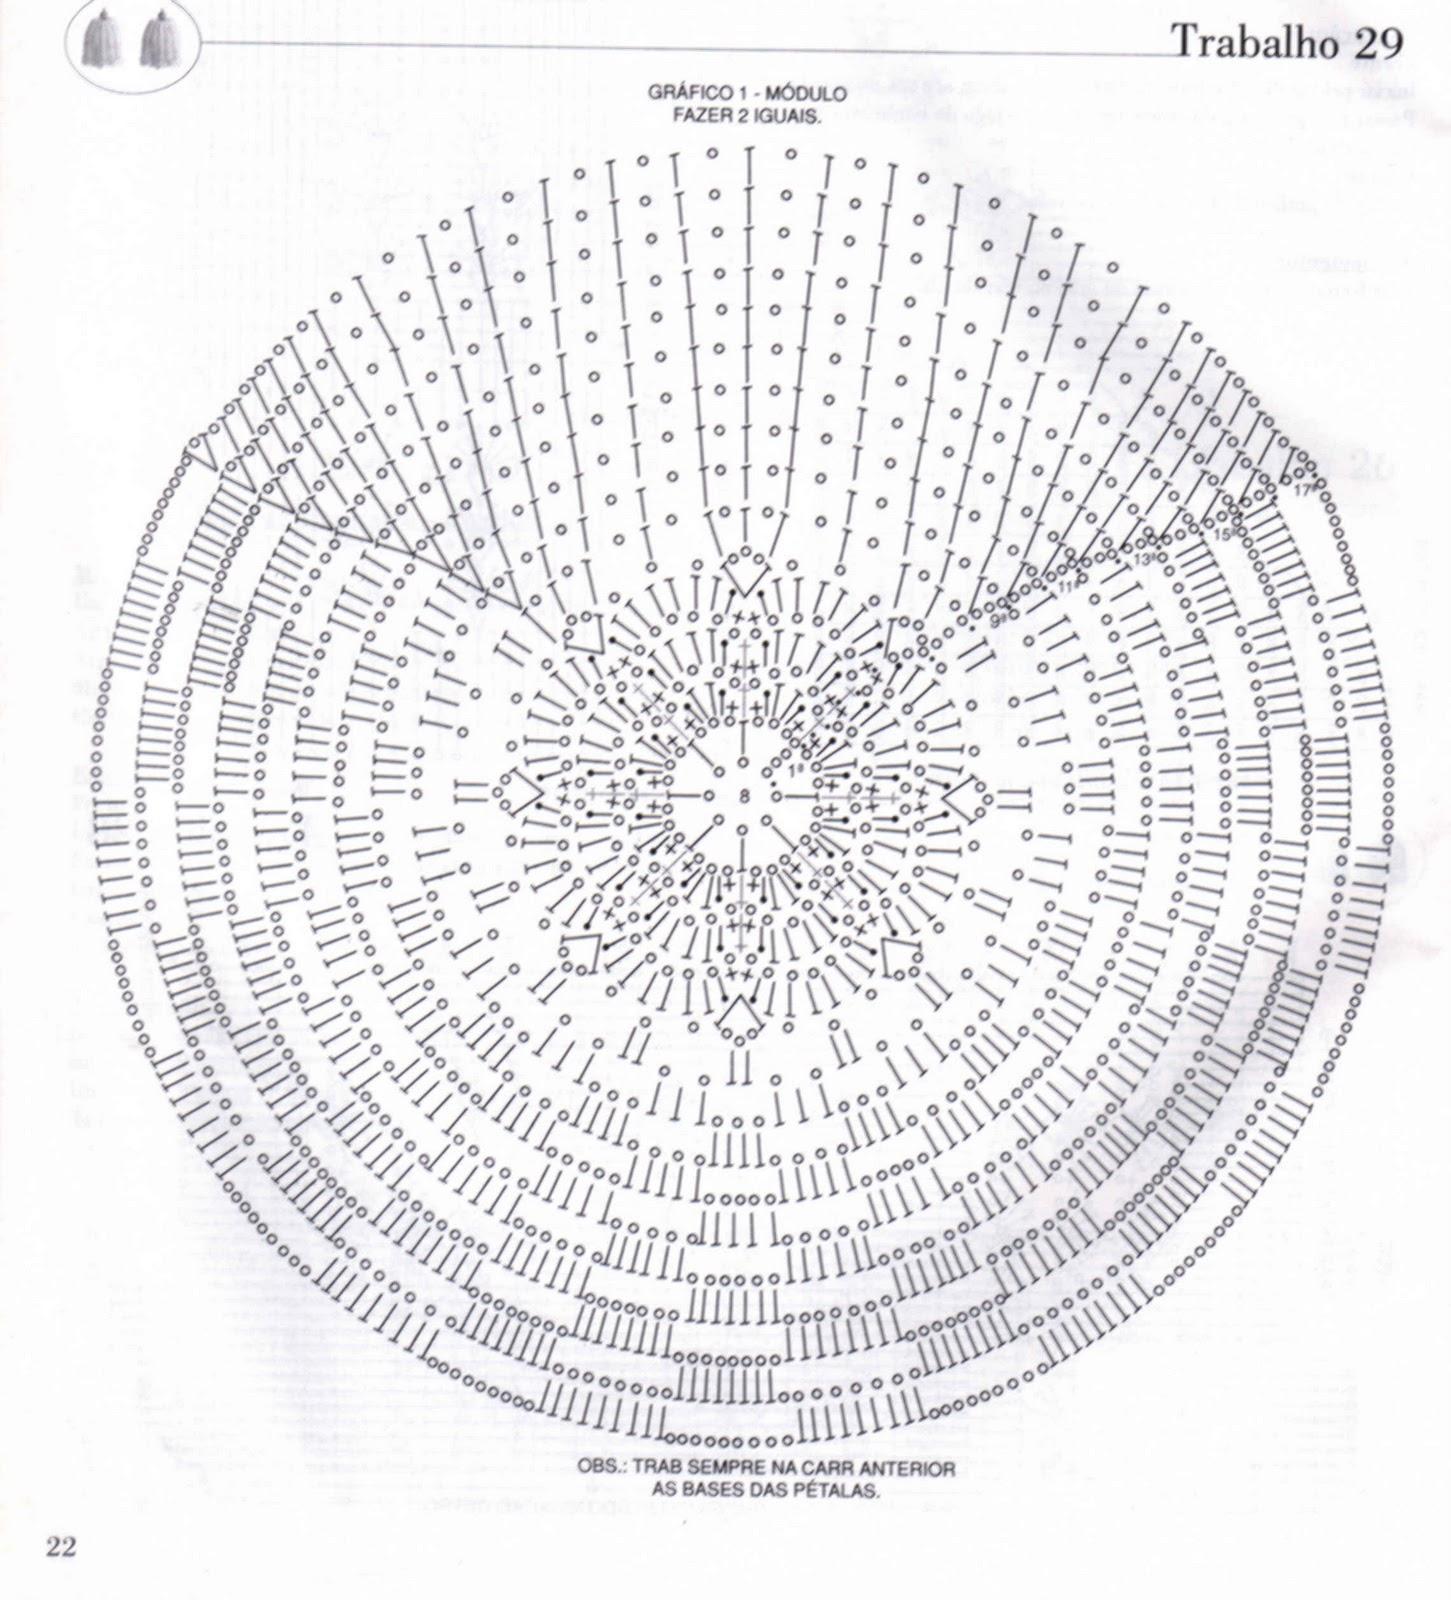 Vaz Crochês Artesanato em Crochê graficos jgo banheiro -> Jogo De Banheiro Oval Simples Com Grafico